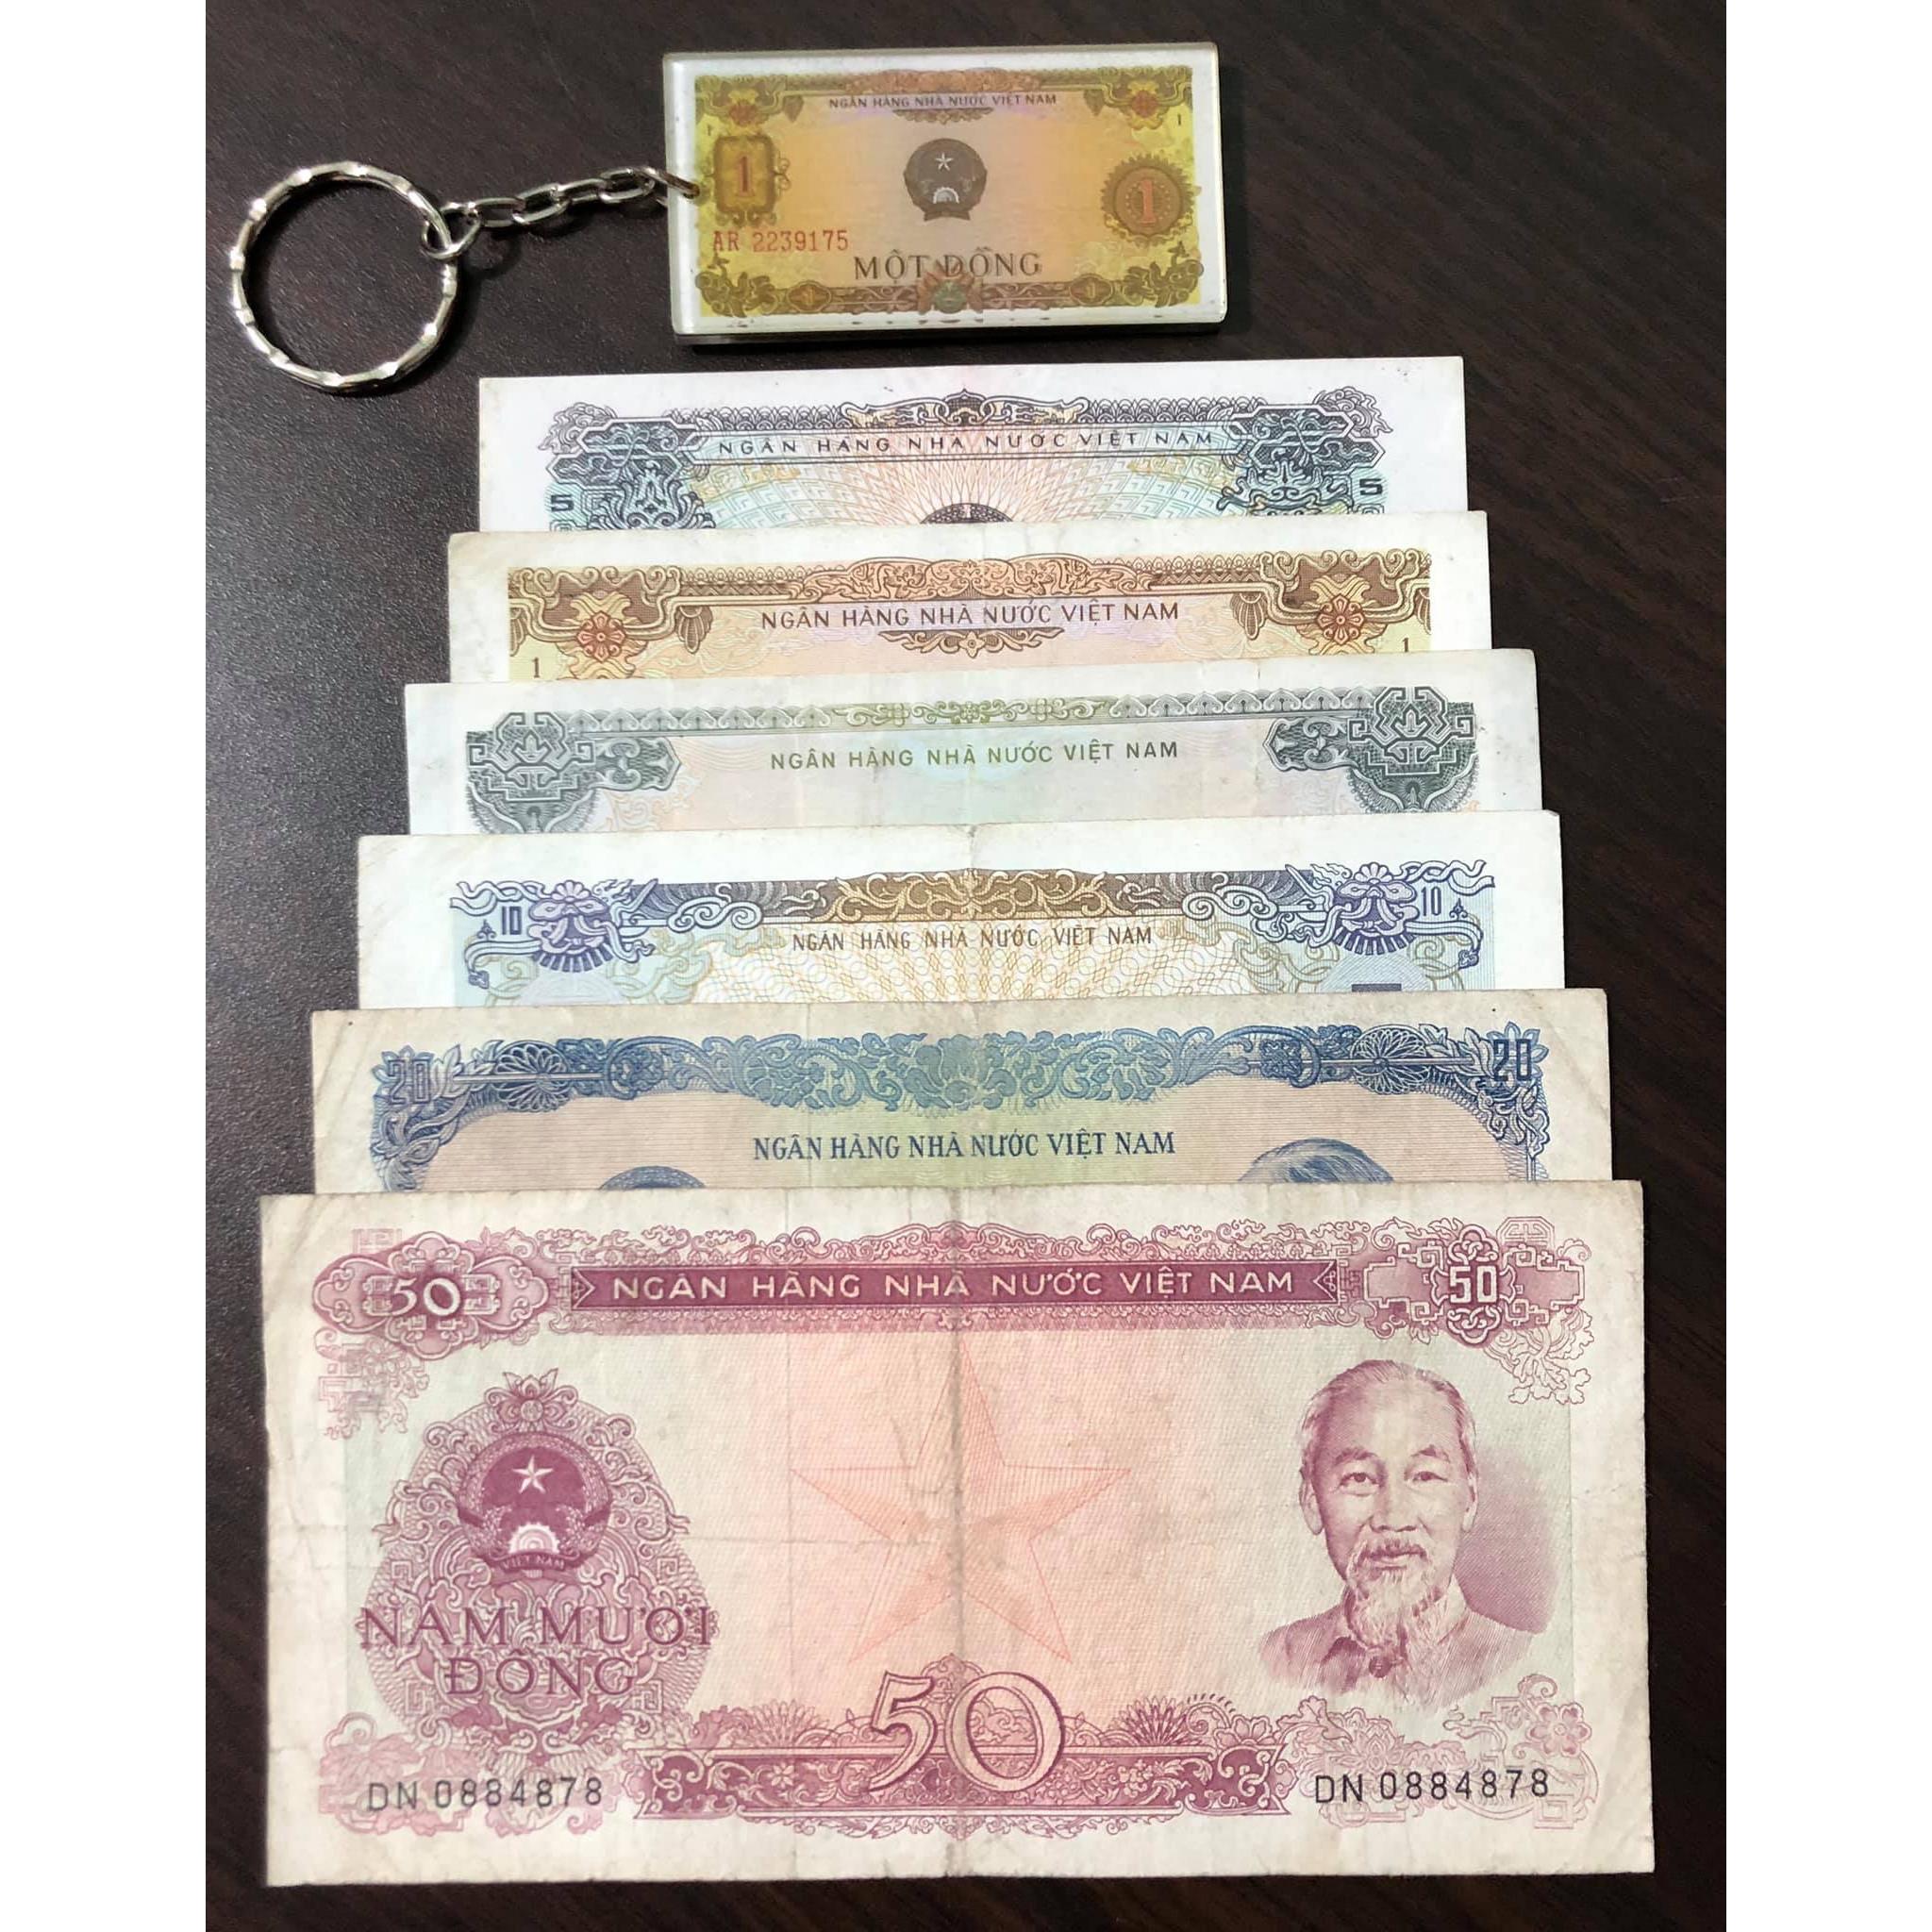 Bộ tiền cổ Việt Nam 6 tờ năm 1976 (kèm móc chìa khóa hình tiền xưa lạ mắt)